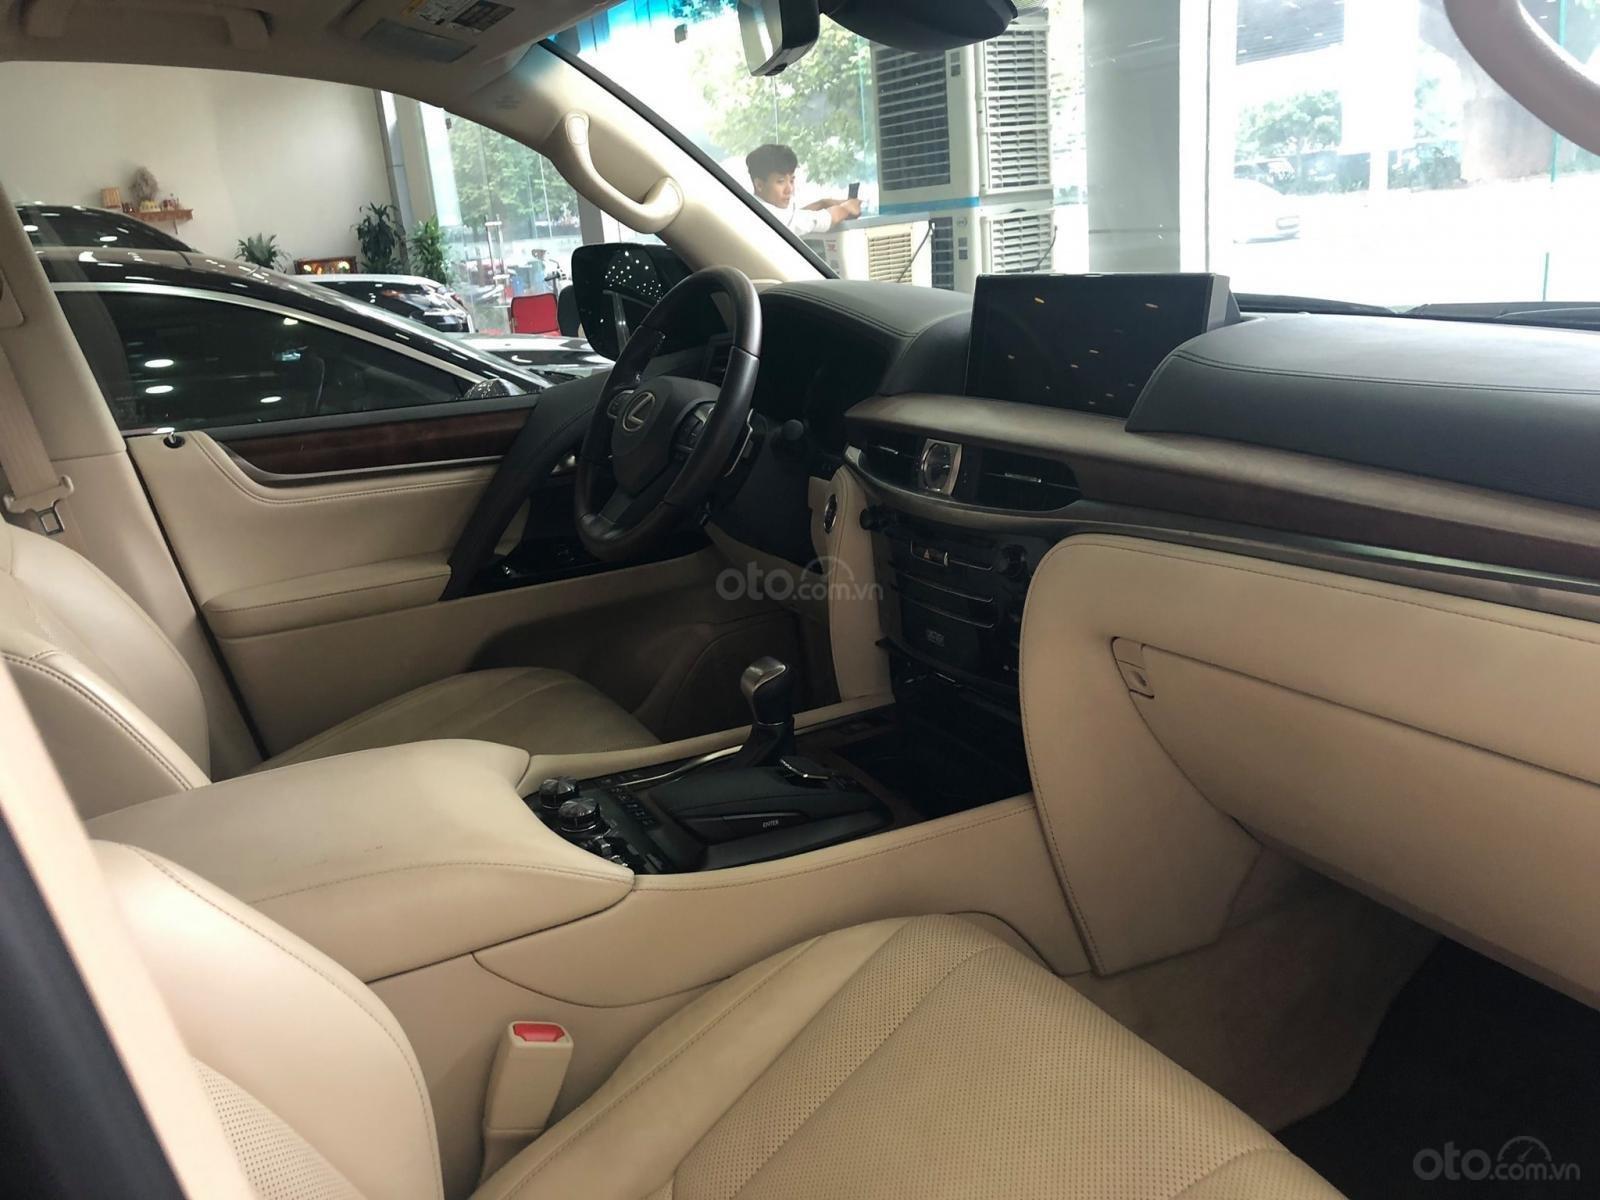 Bán Lexus Lx570 xuất Mỹ đăng ký lần đầu 2016 tên cá nhân (6)